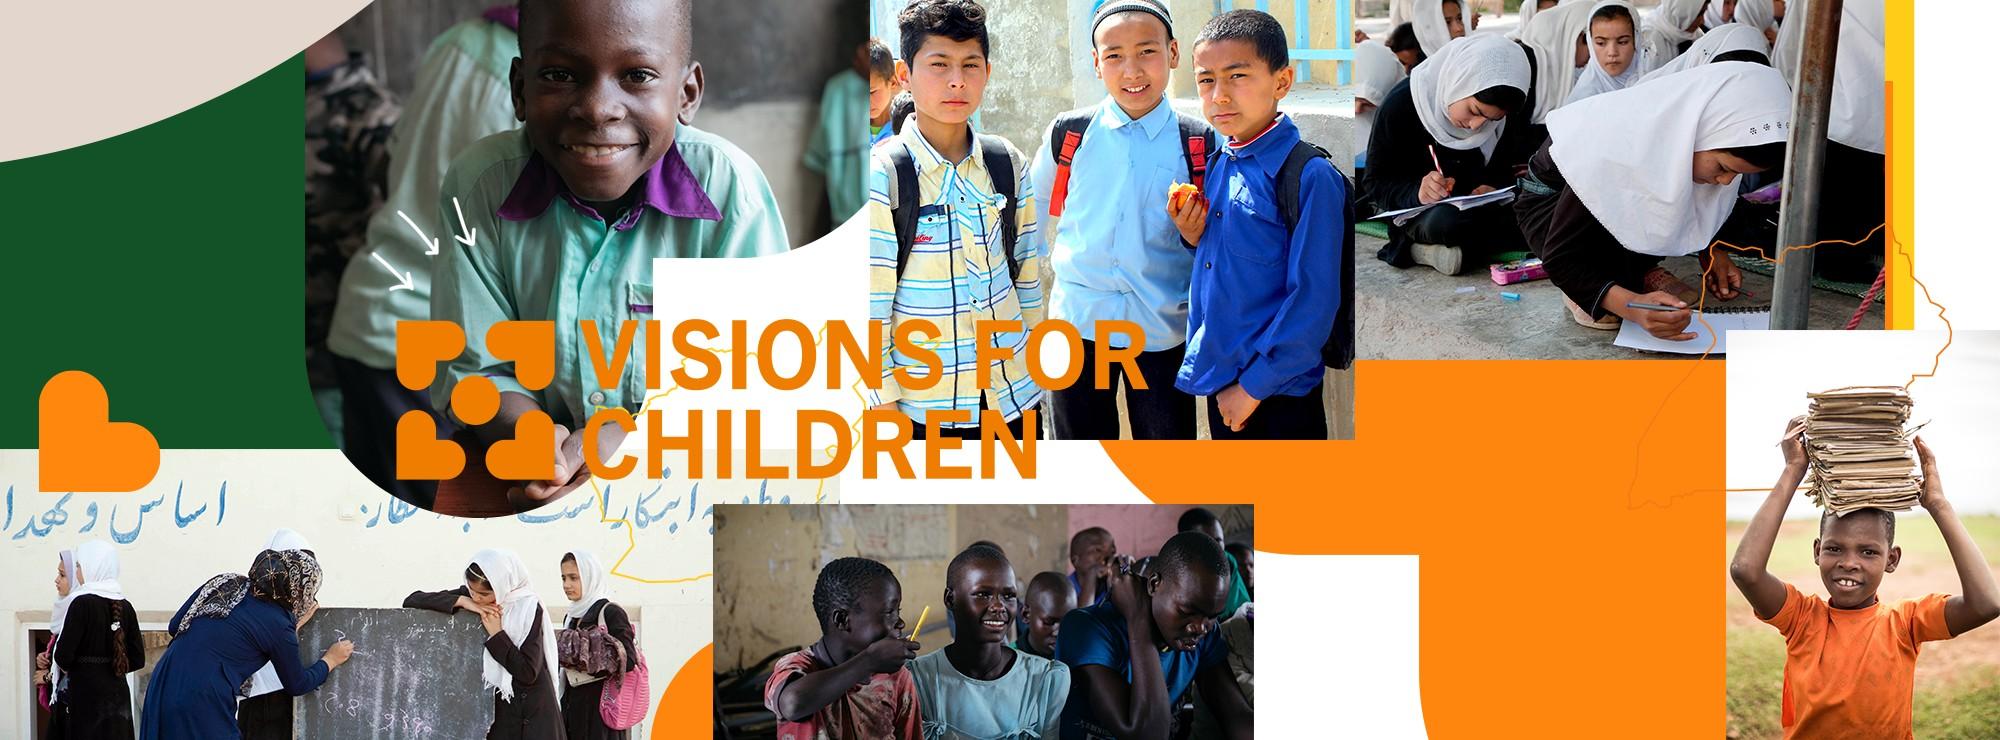 Visions for Children e.V.   LinkedIn